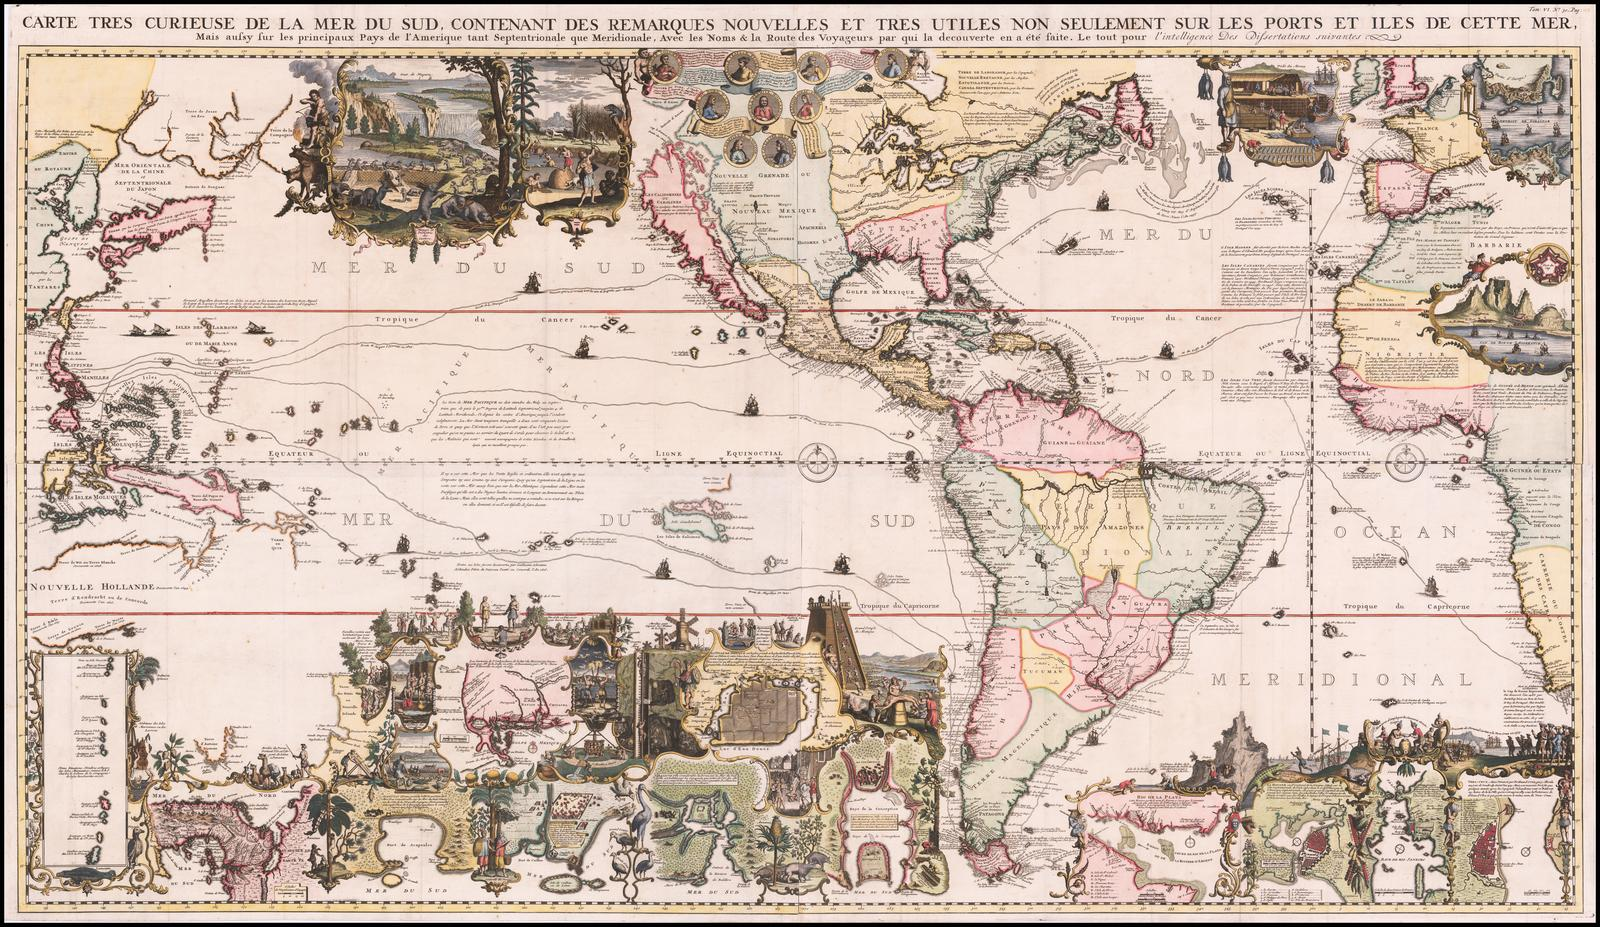 Впечатляющая карта Анри Шатлена на 4 листах с центром в Америке и указанием различных торговых и разведочных маршрутов в Тихом и Атлантическом океанах